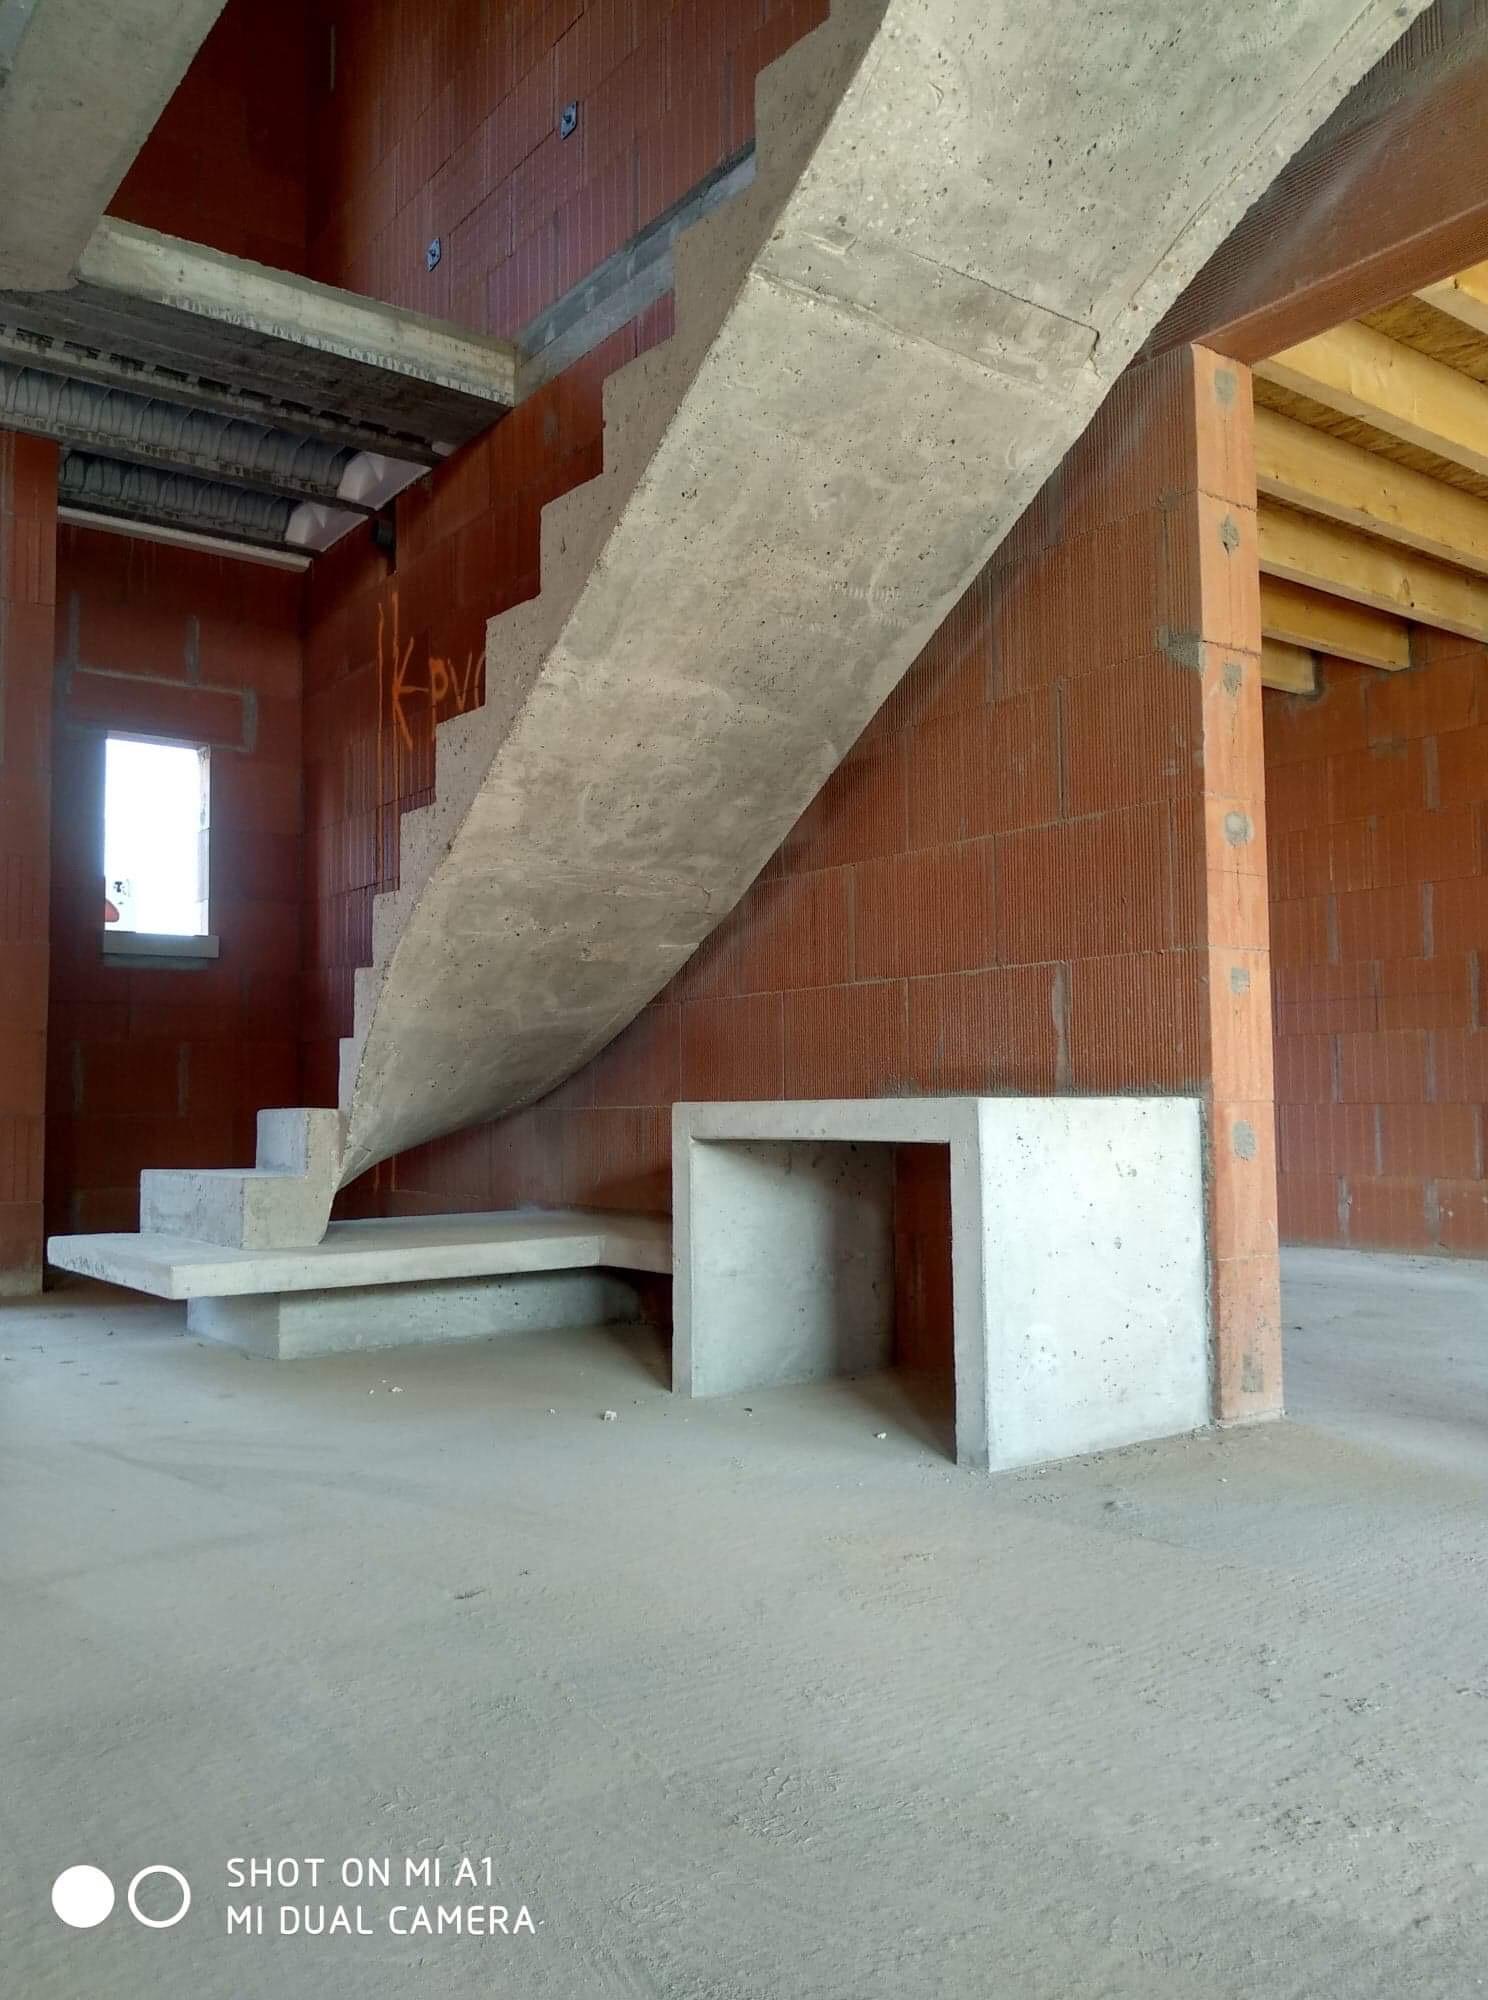 audacieux  escalier graphique avec effet flottant en béton brut de décoffrage  à Bordeaux en Gironde  pour un constructeur